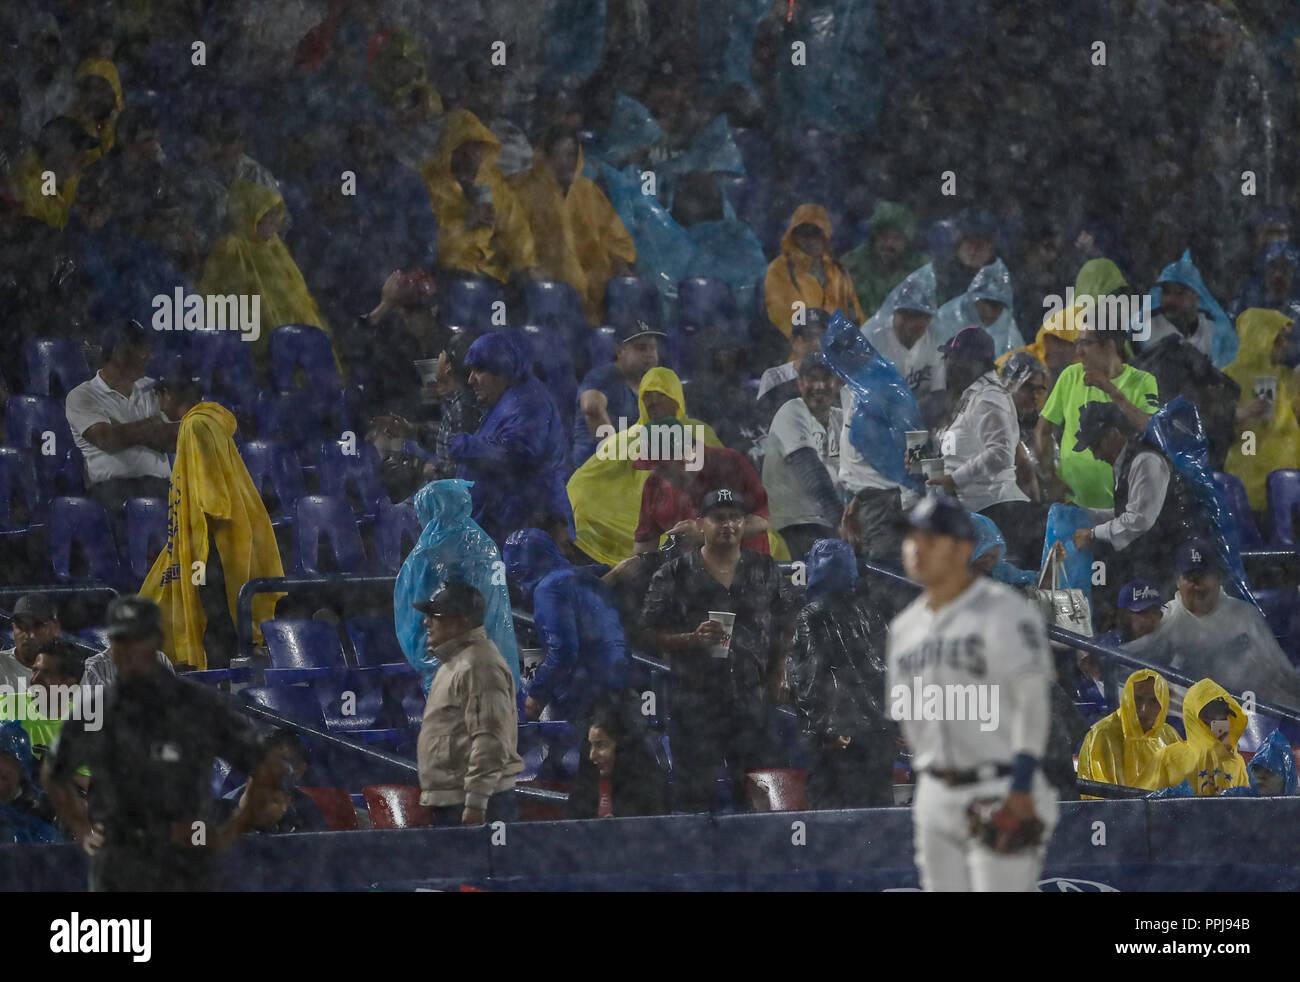 Christian Villanueva de San Diego , durante el partido de beisbol de los Dodgers de Los Angeles contra Padres de San Diego, durante el primer juego de - Stock Image